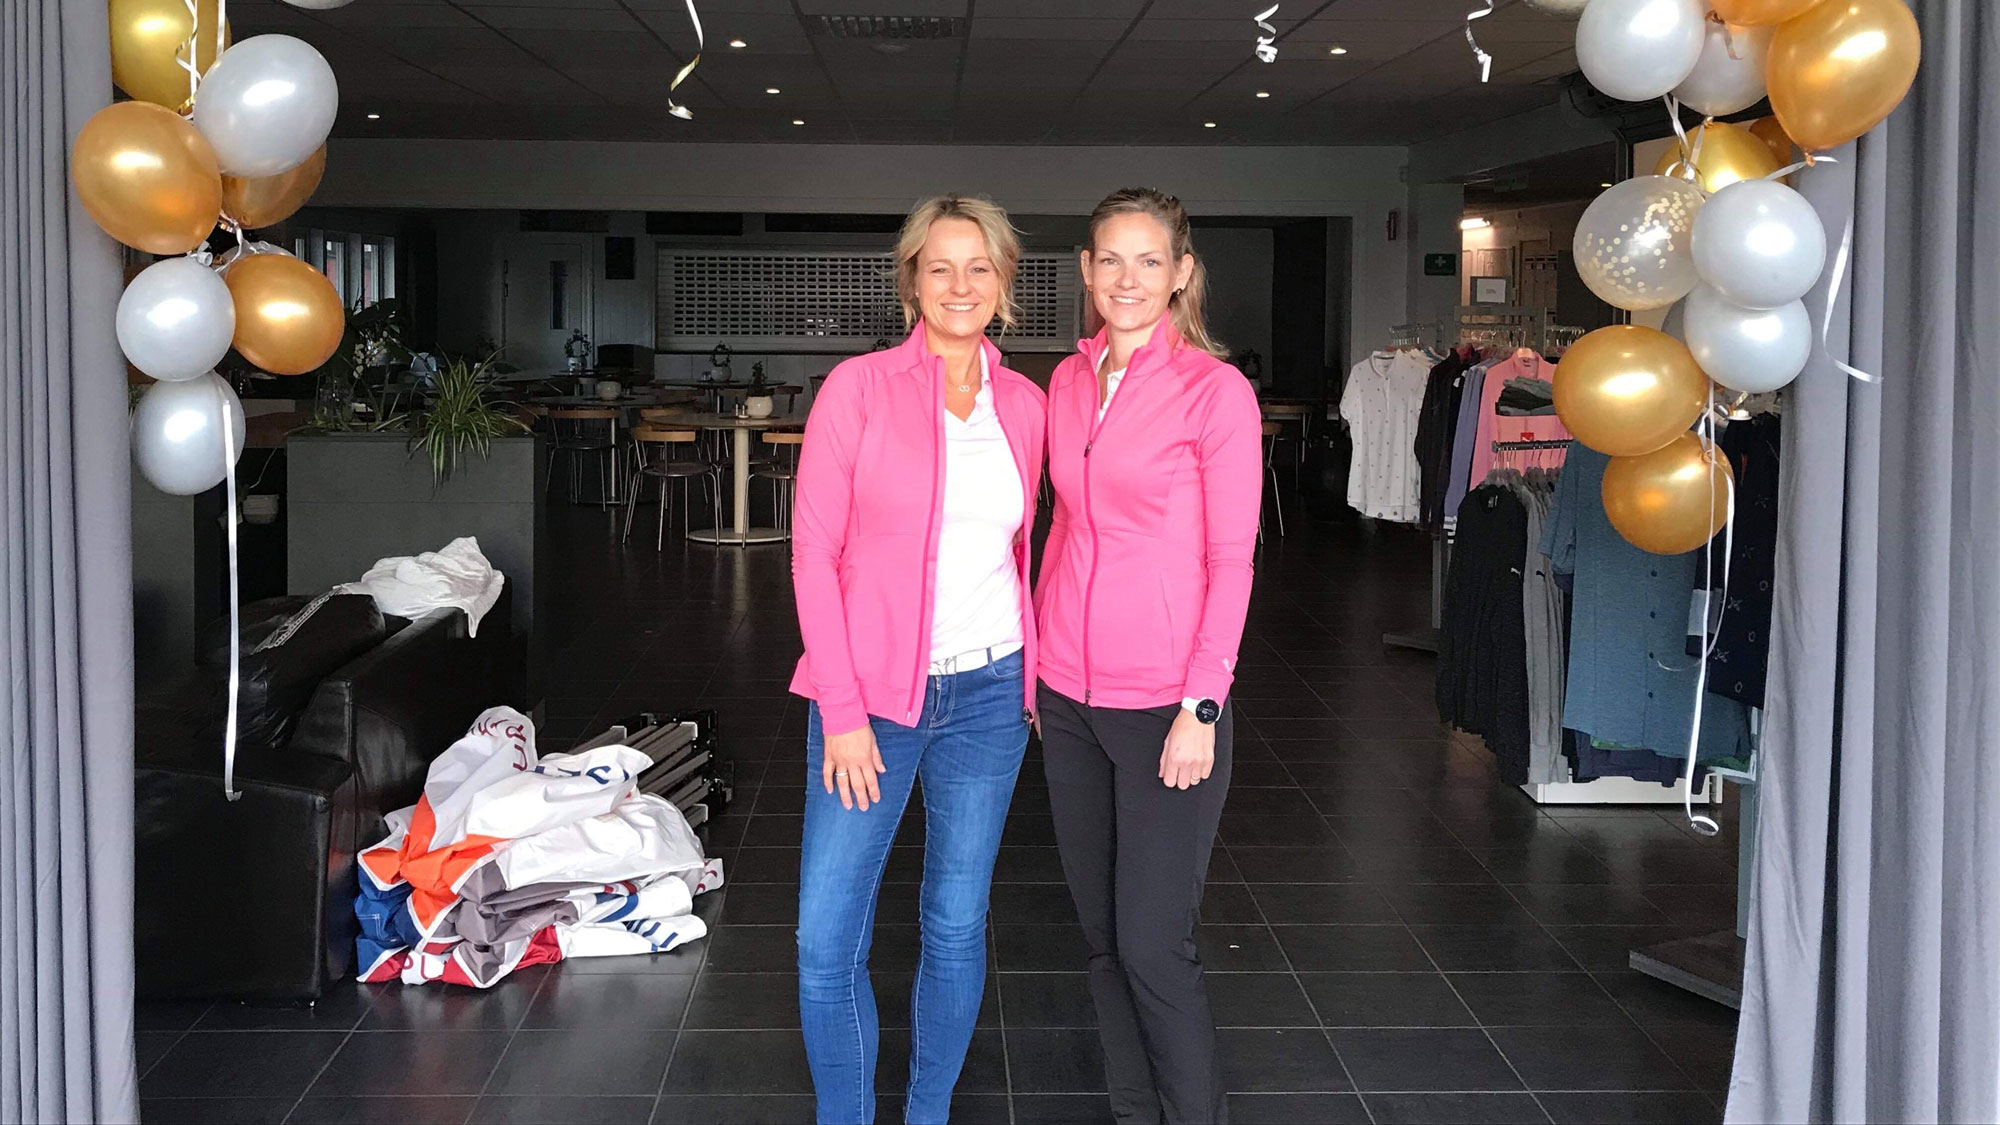 Två kvinnor i rosa tröjor i en dörröppning med ballonger